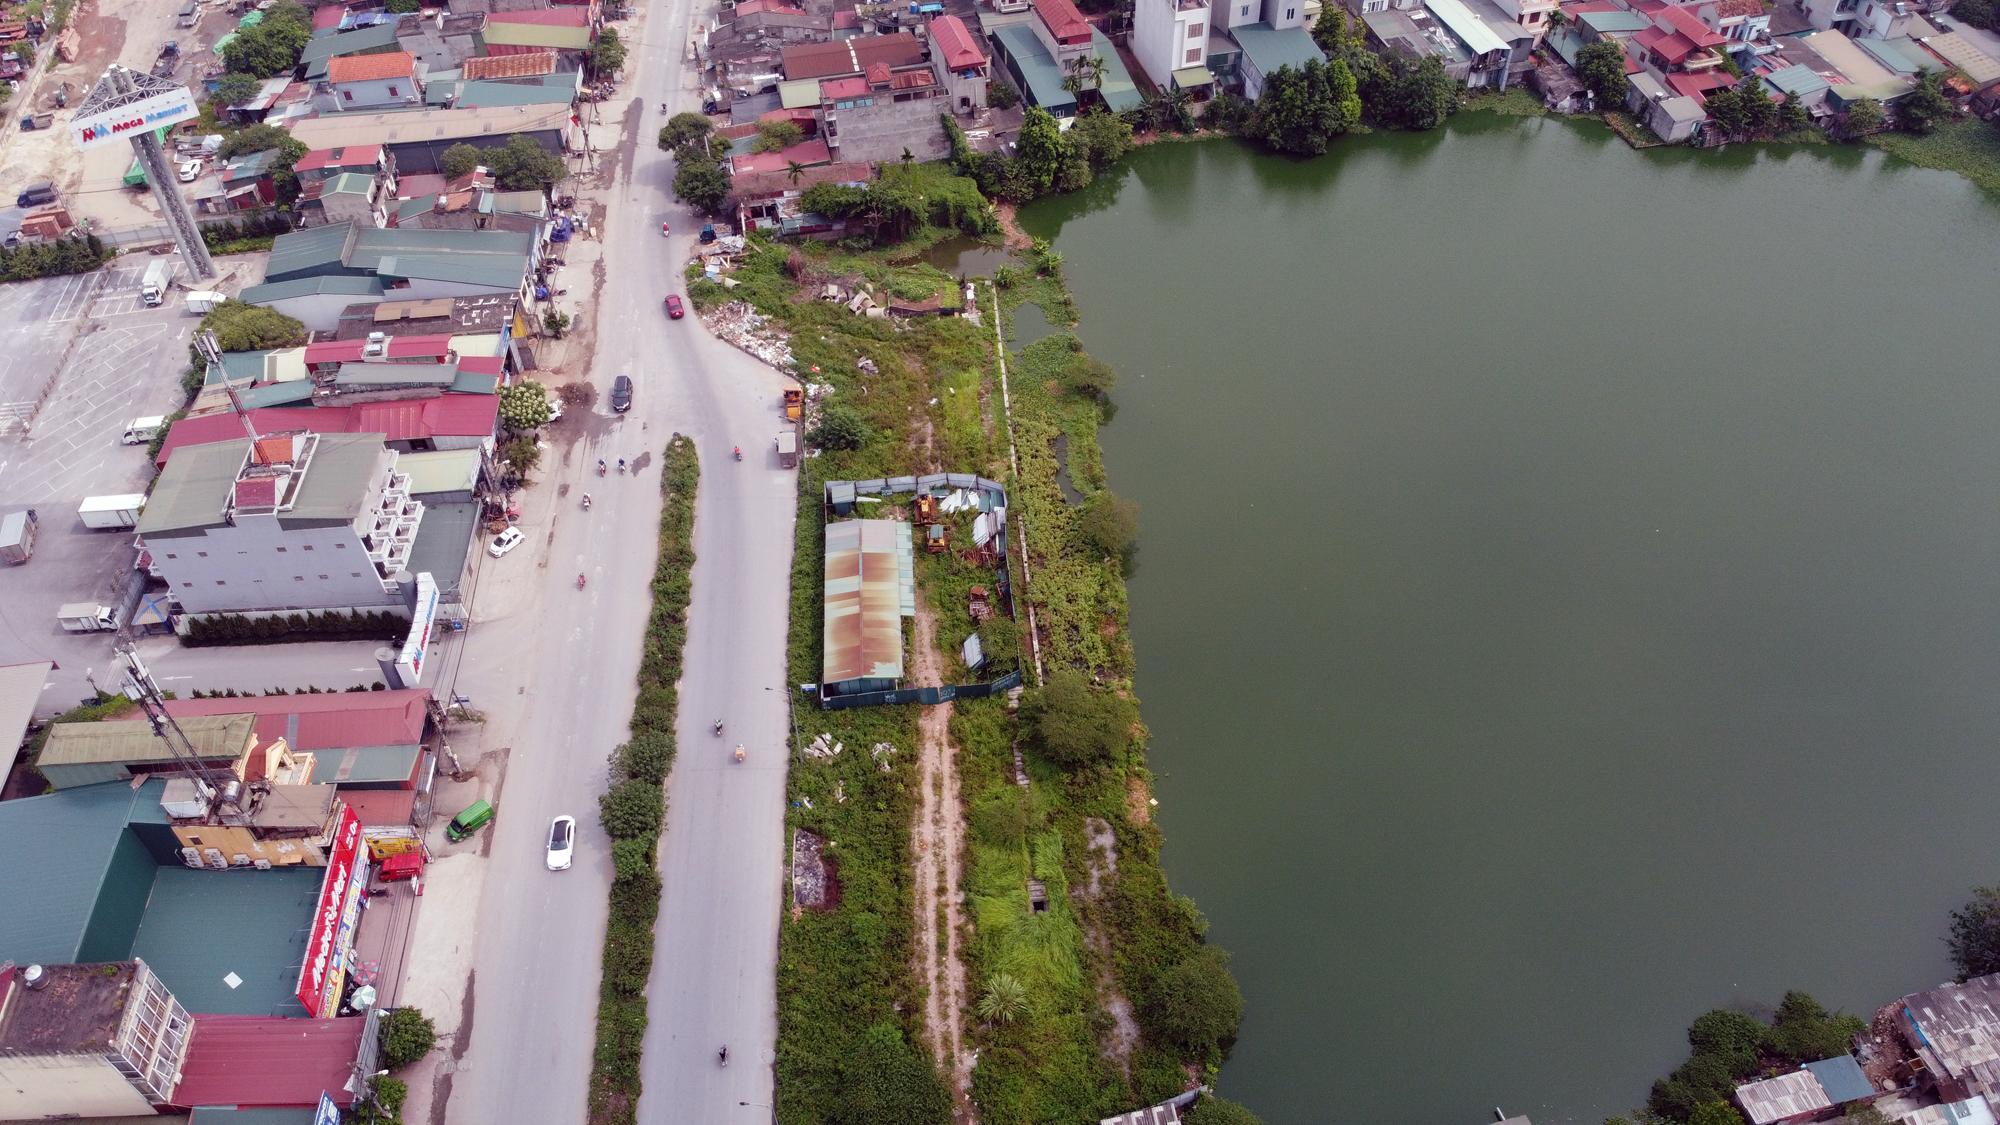 Dự án mở rộng đường Tam Trinh hơn 2.000 tỉ đồng sau 4 năm mới làm được vài trăm mét - Ảnh 2.